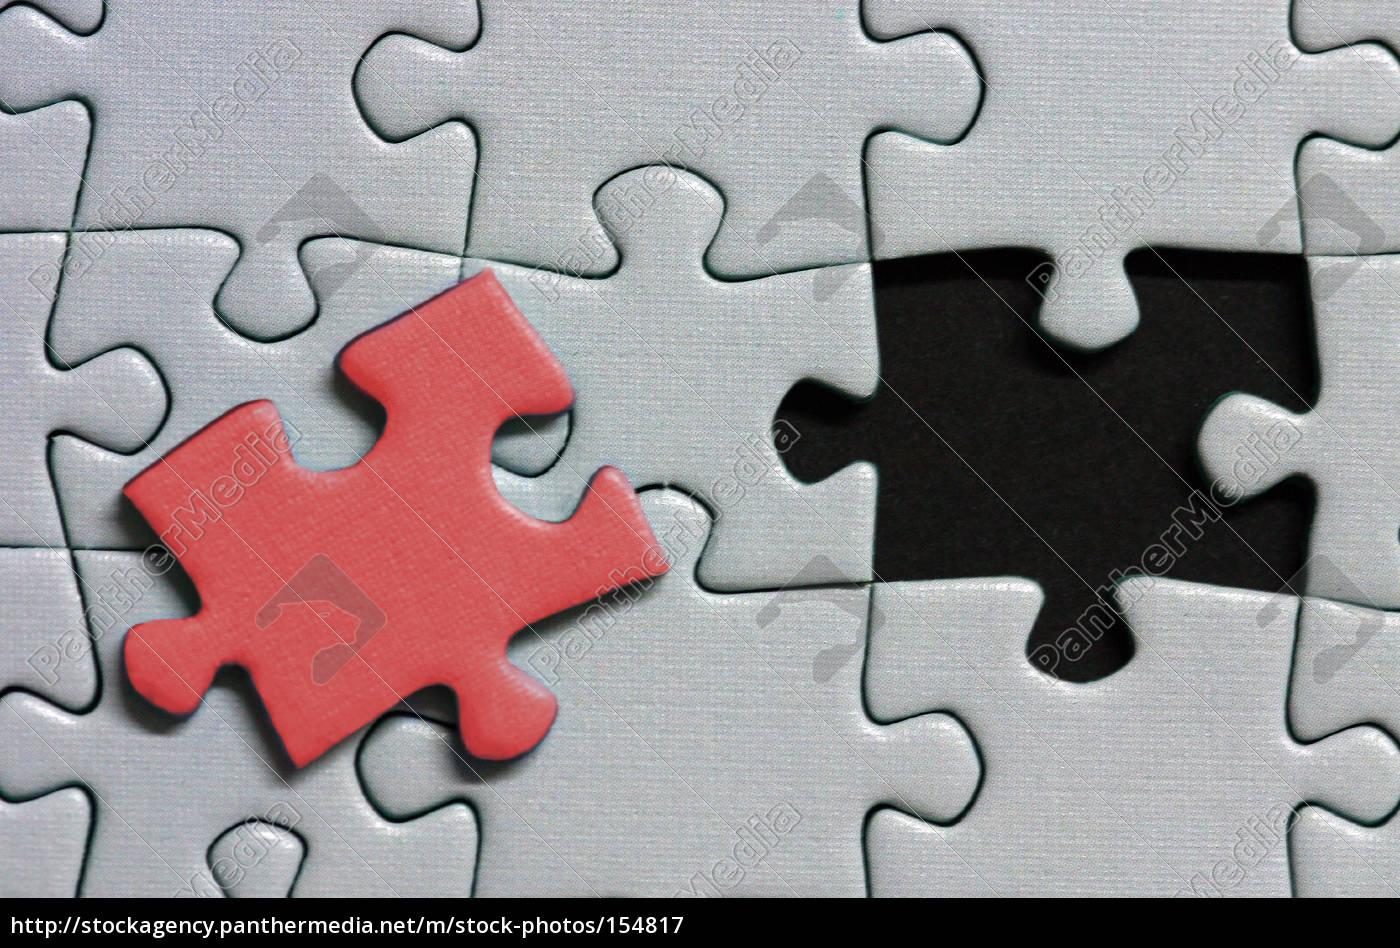 puzzle1 - 154817